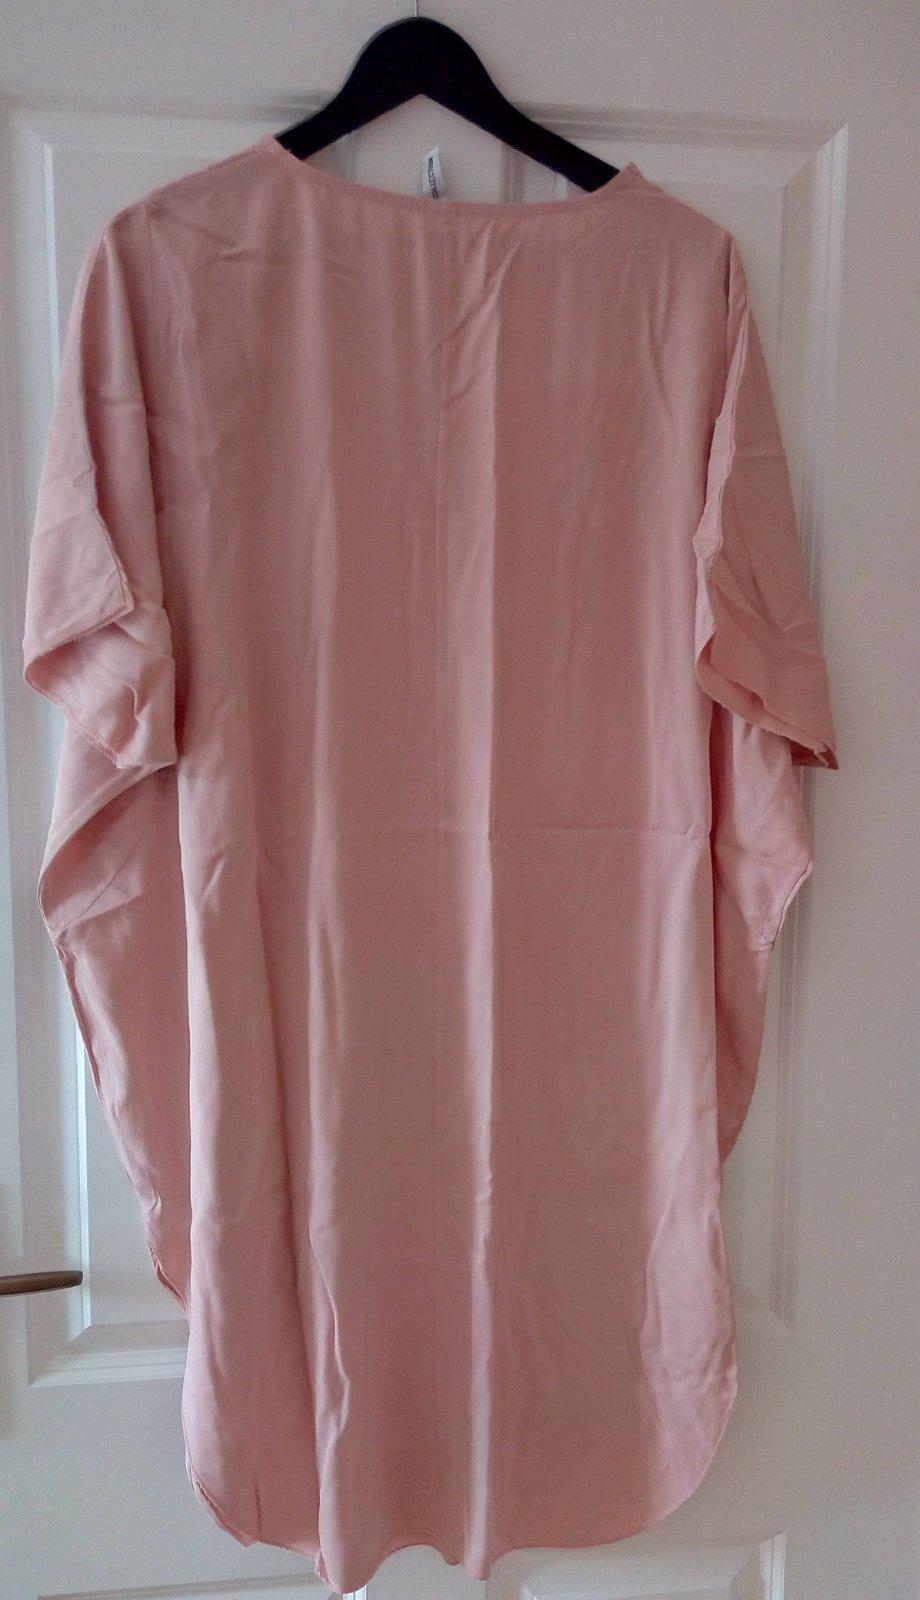 Bledoružové šaty univeľkosť - Obrázok č. 2